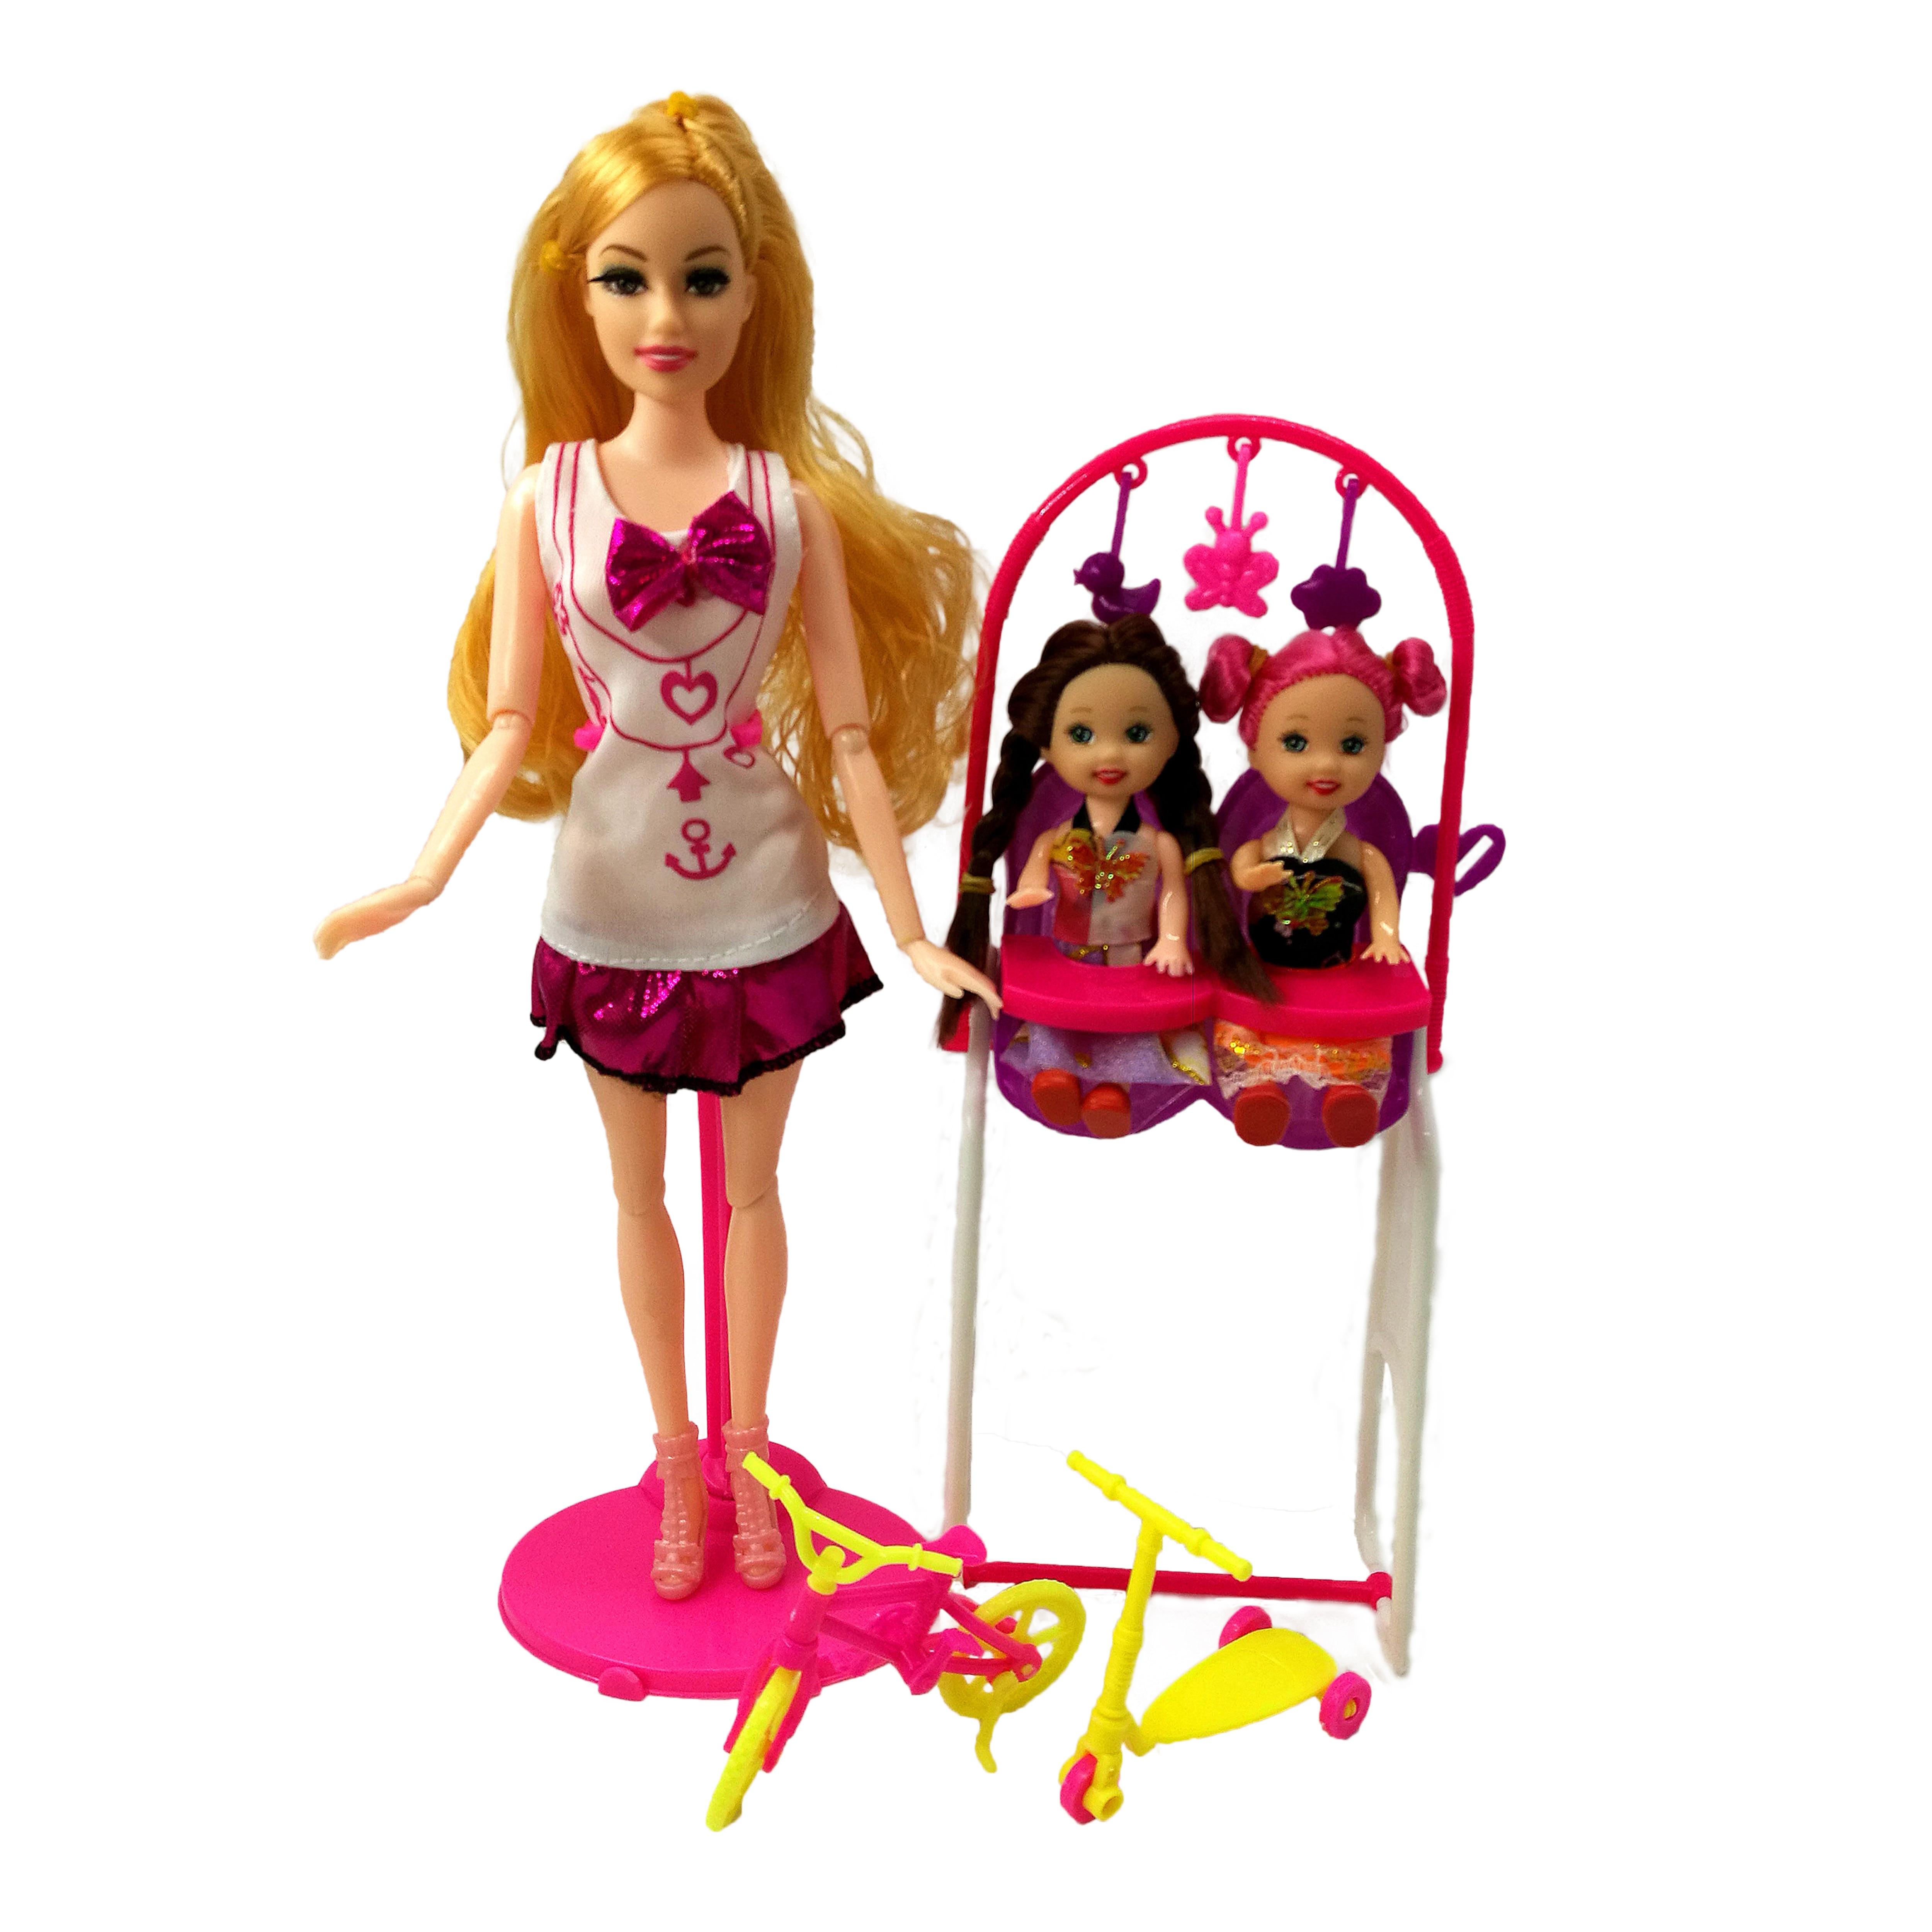 Muñeca de juguete de moda para niños, juguetes para jugar a las...